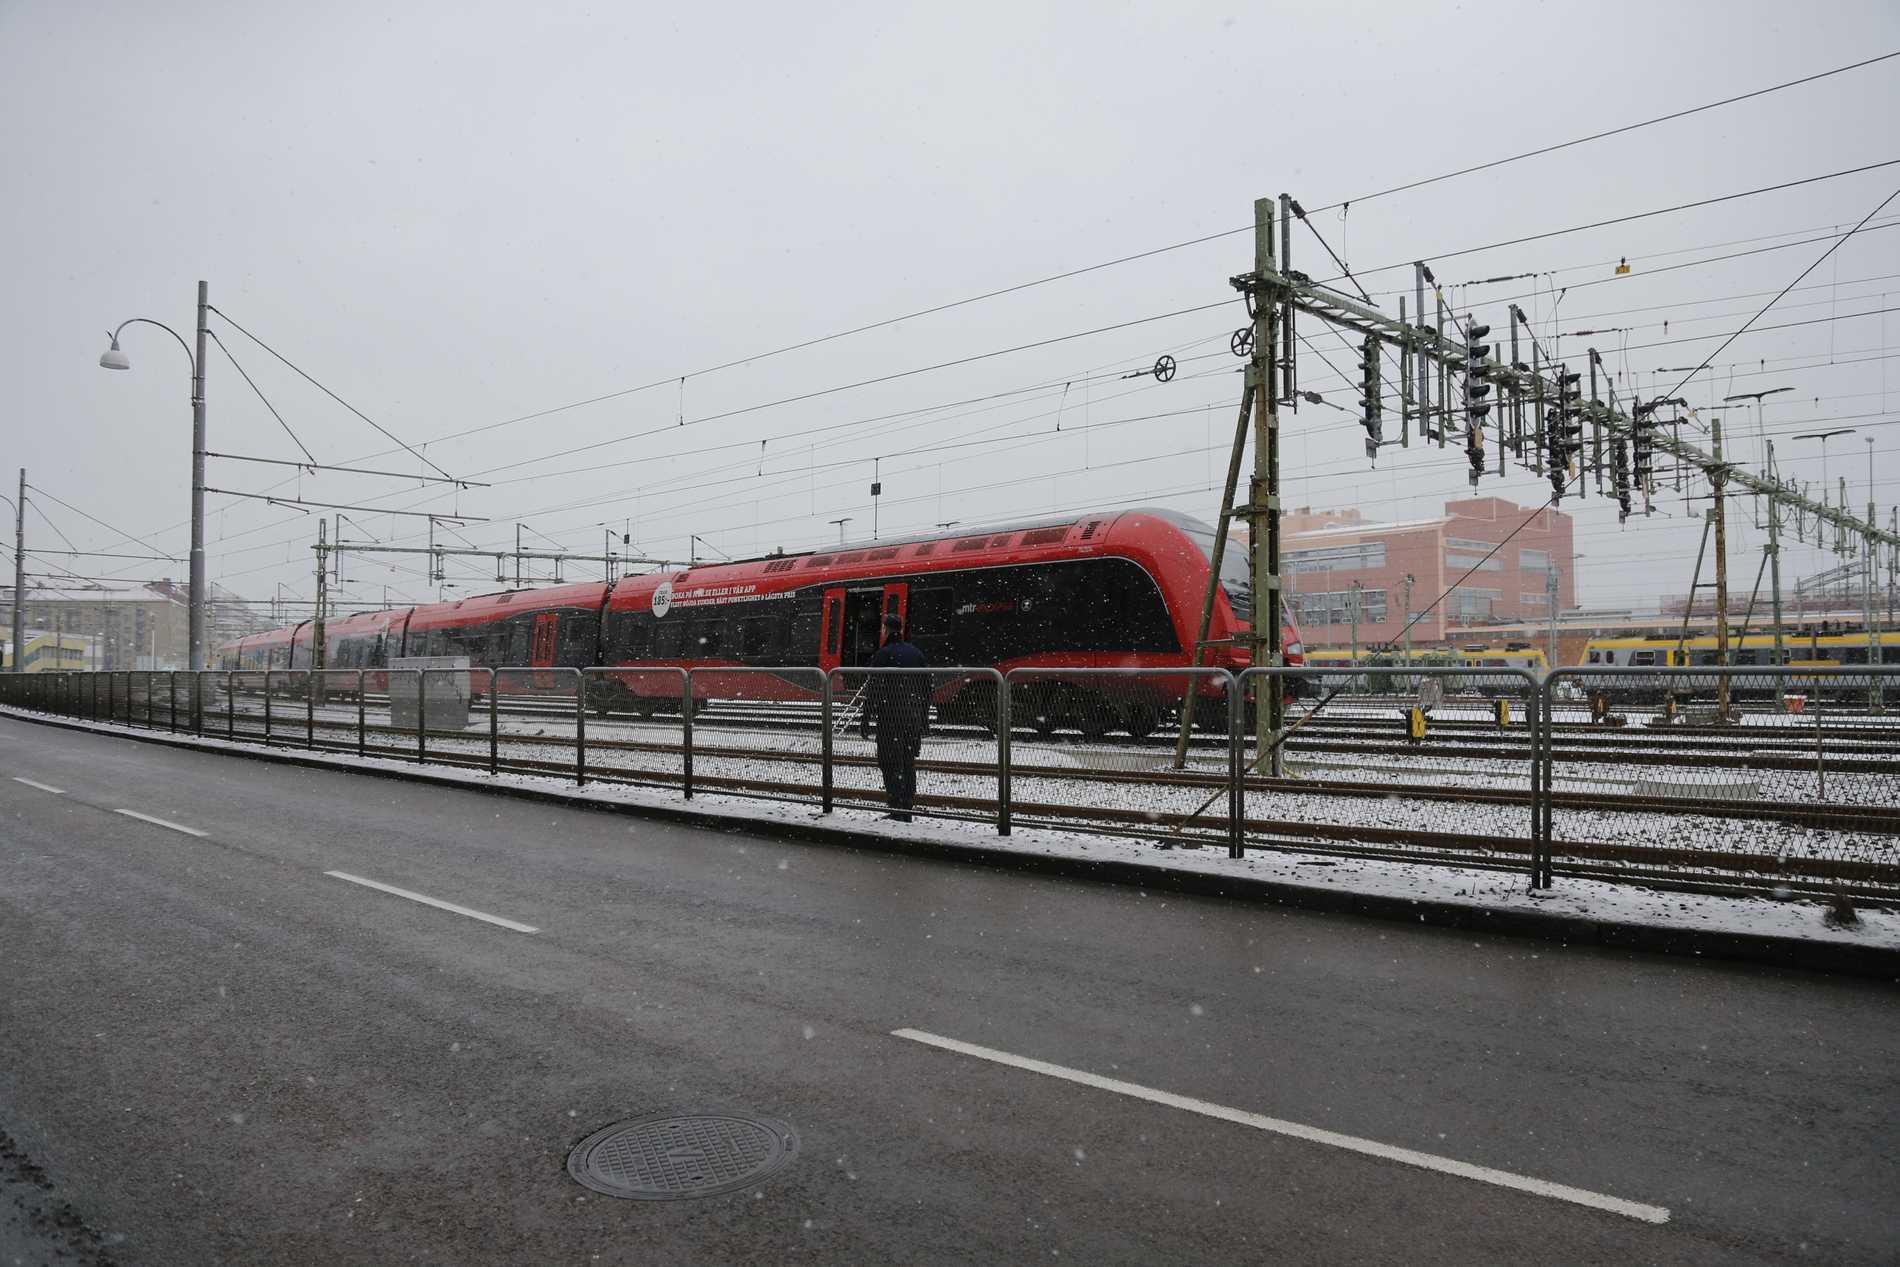 Det är oklart hur höghastighetsbanan mellan Göteborg och Borås ska finansieras. Arkivbild.